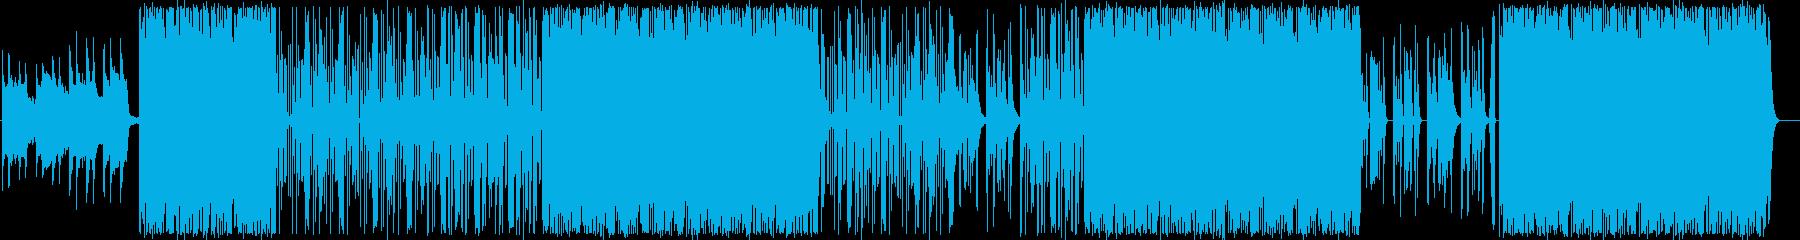 ピアノ/ブラス/大人/クランク808#1の再生済みの波形